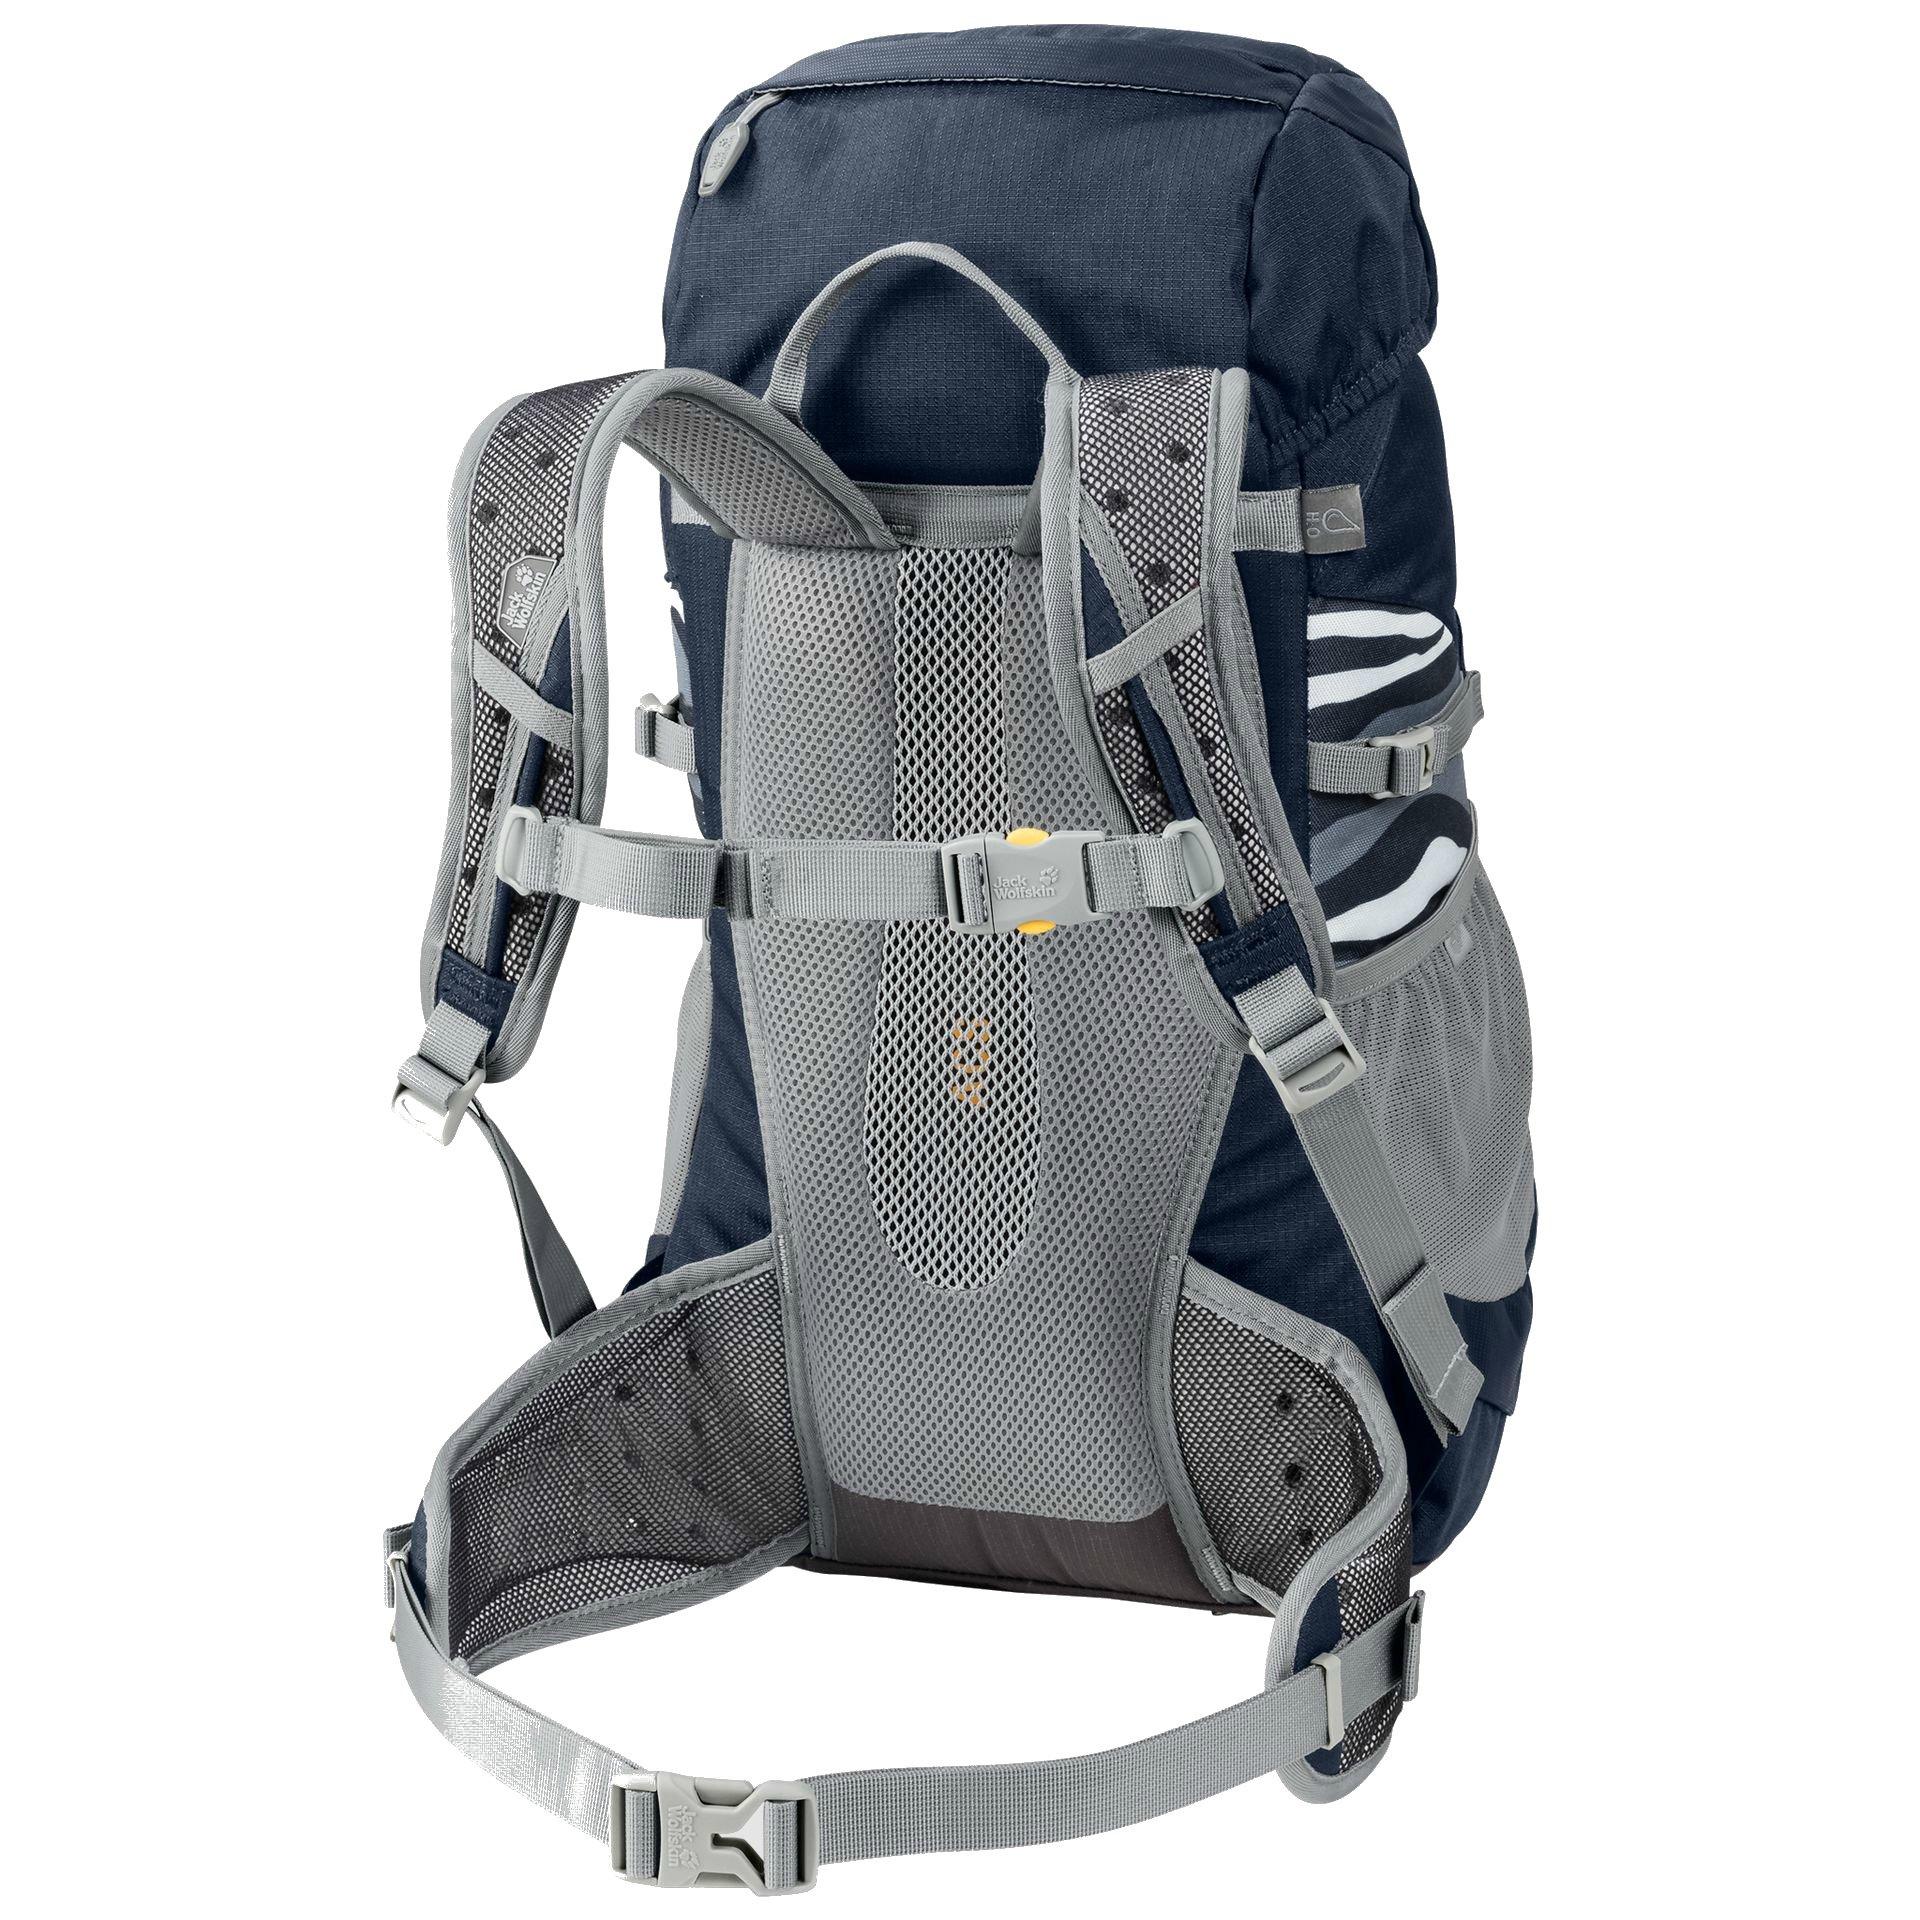 927a2b71b6322 Plecak KIDS ALPINE TRAIL · Plecak KIDS ALPINE TRAIL ...